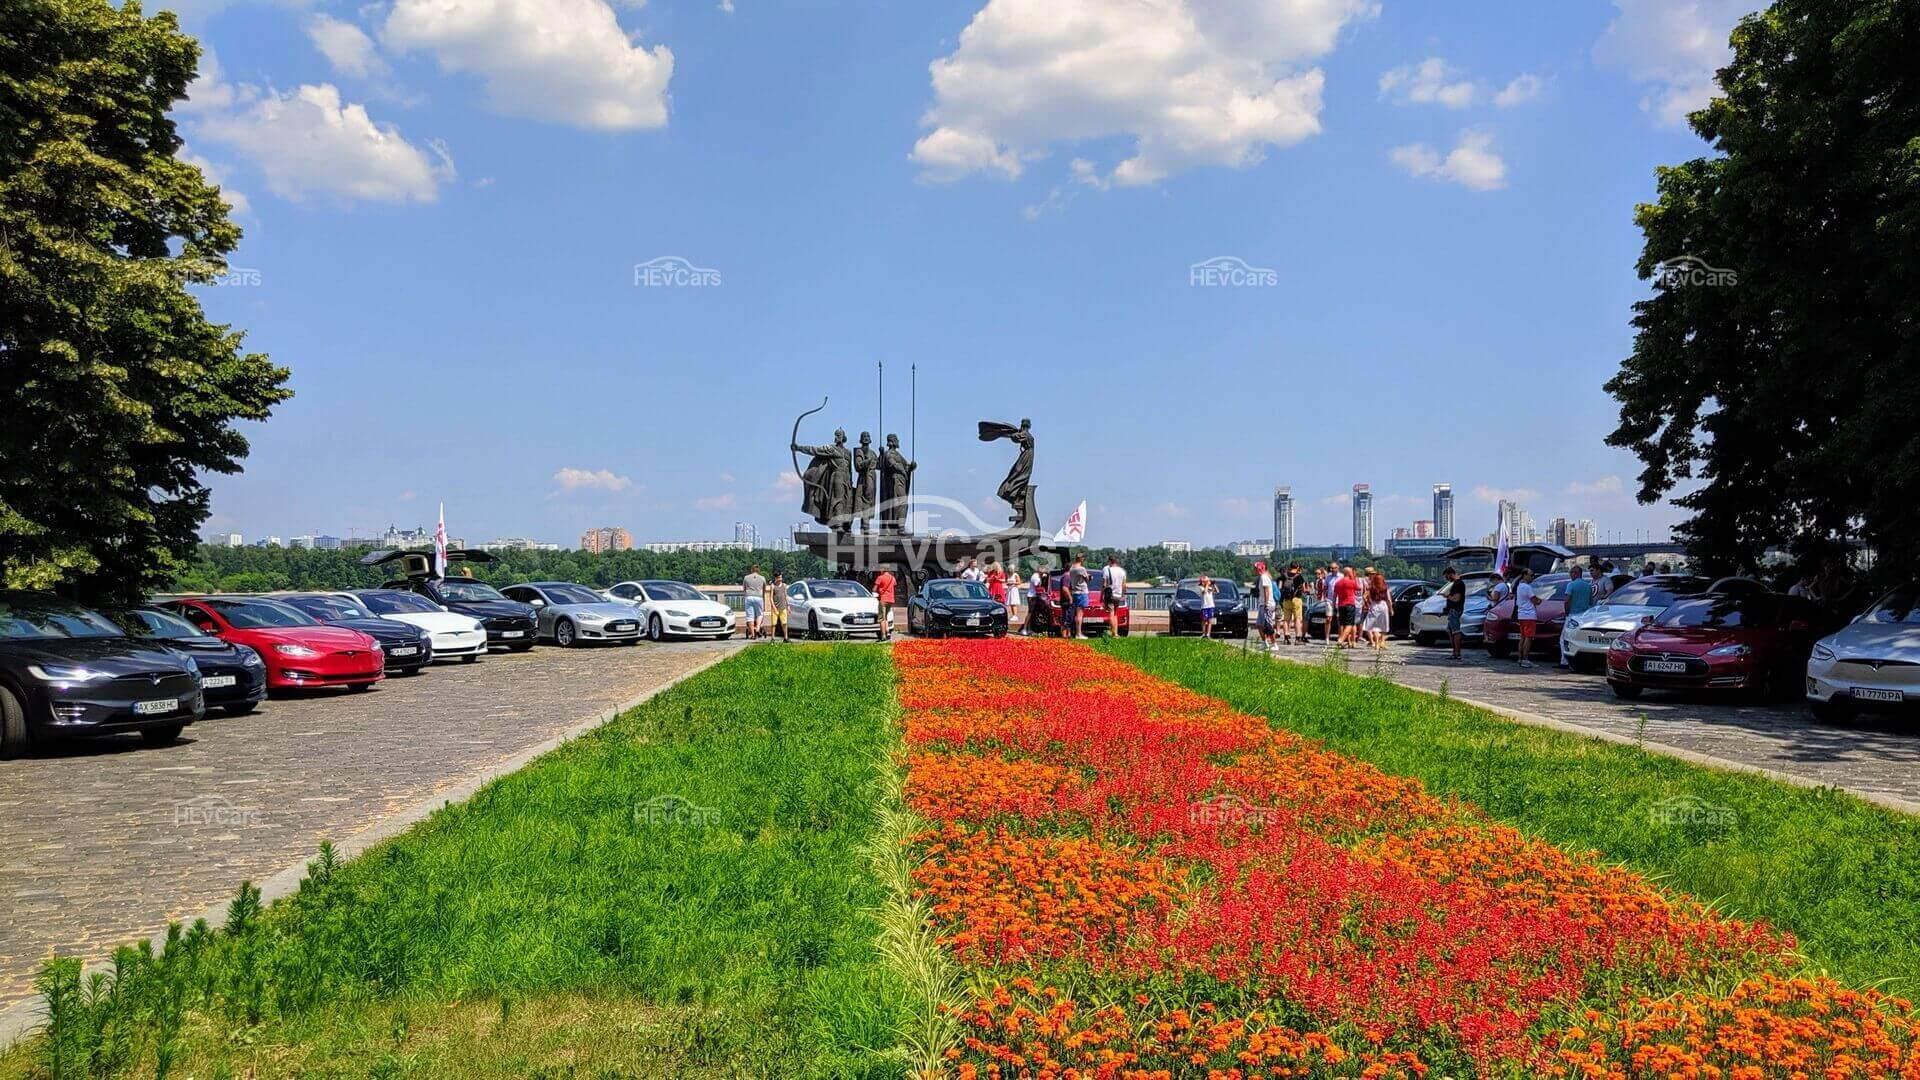 В Киеве состоялся фестиваль электрокаров Tesla — ТеслаПикникЧайка